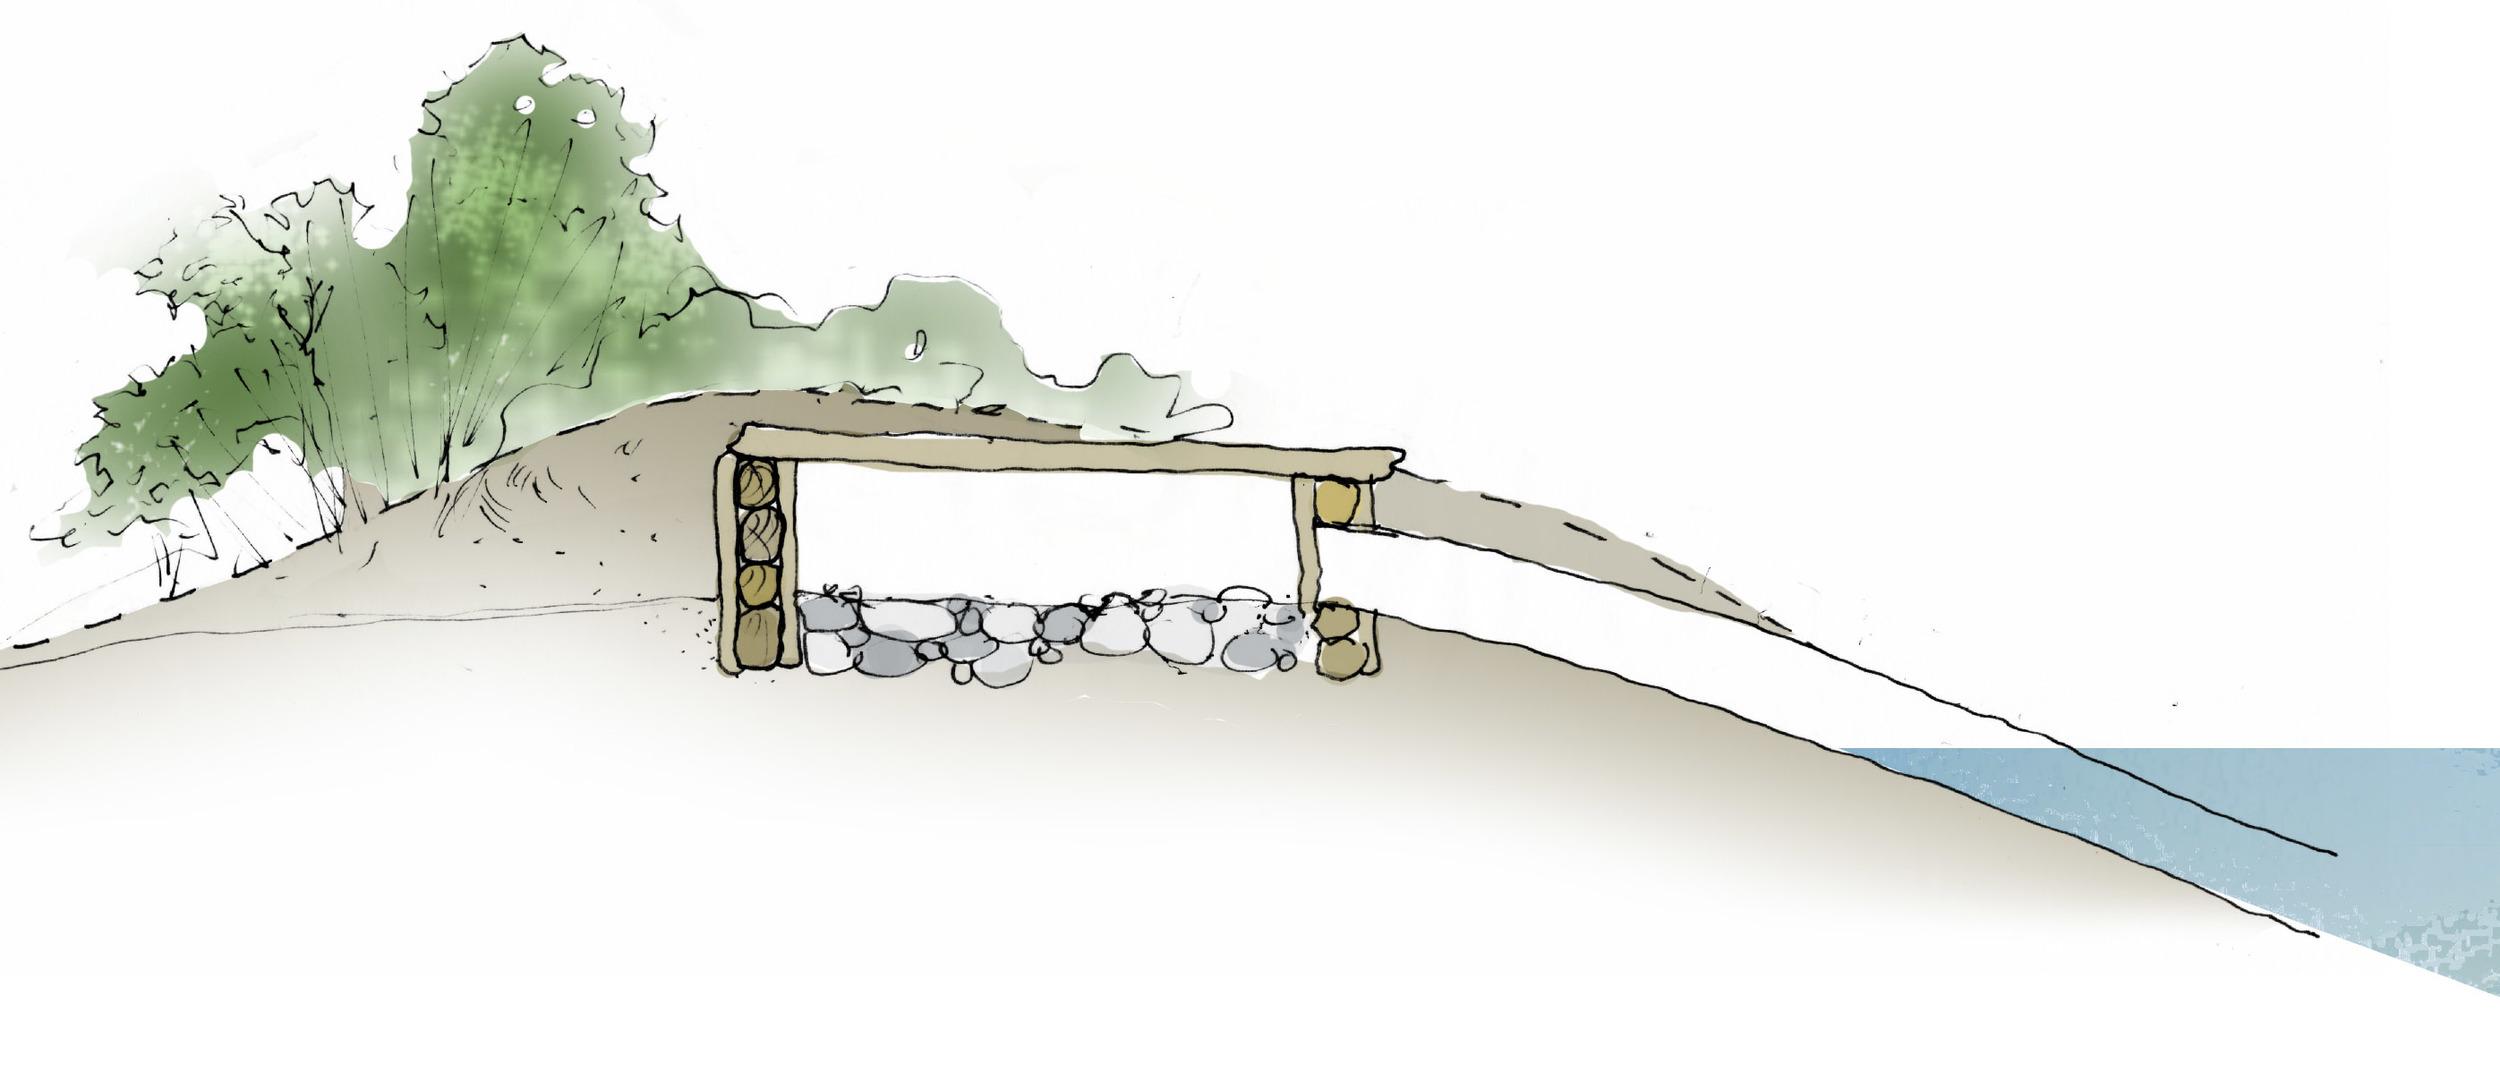 Otter Holt Sketch Section